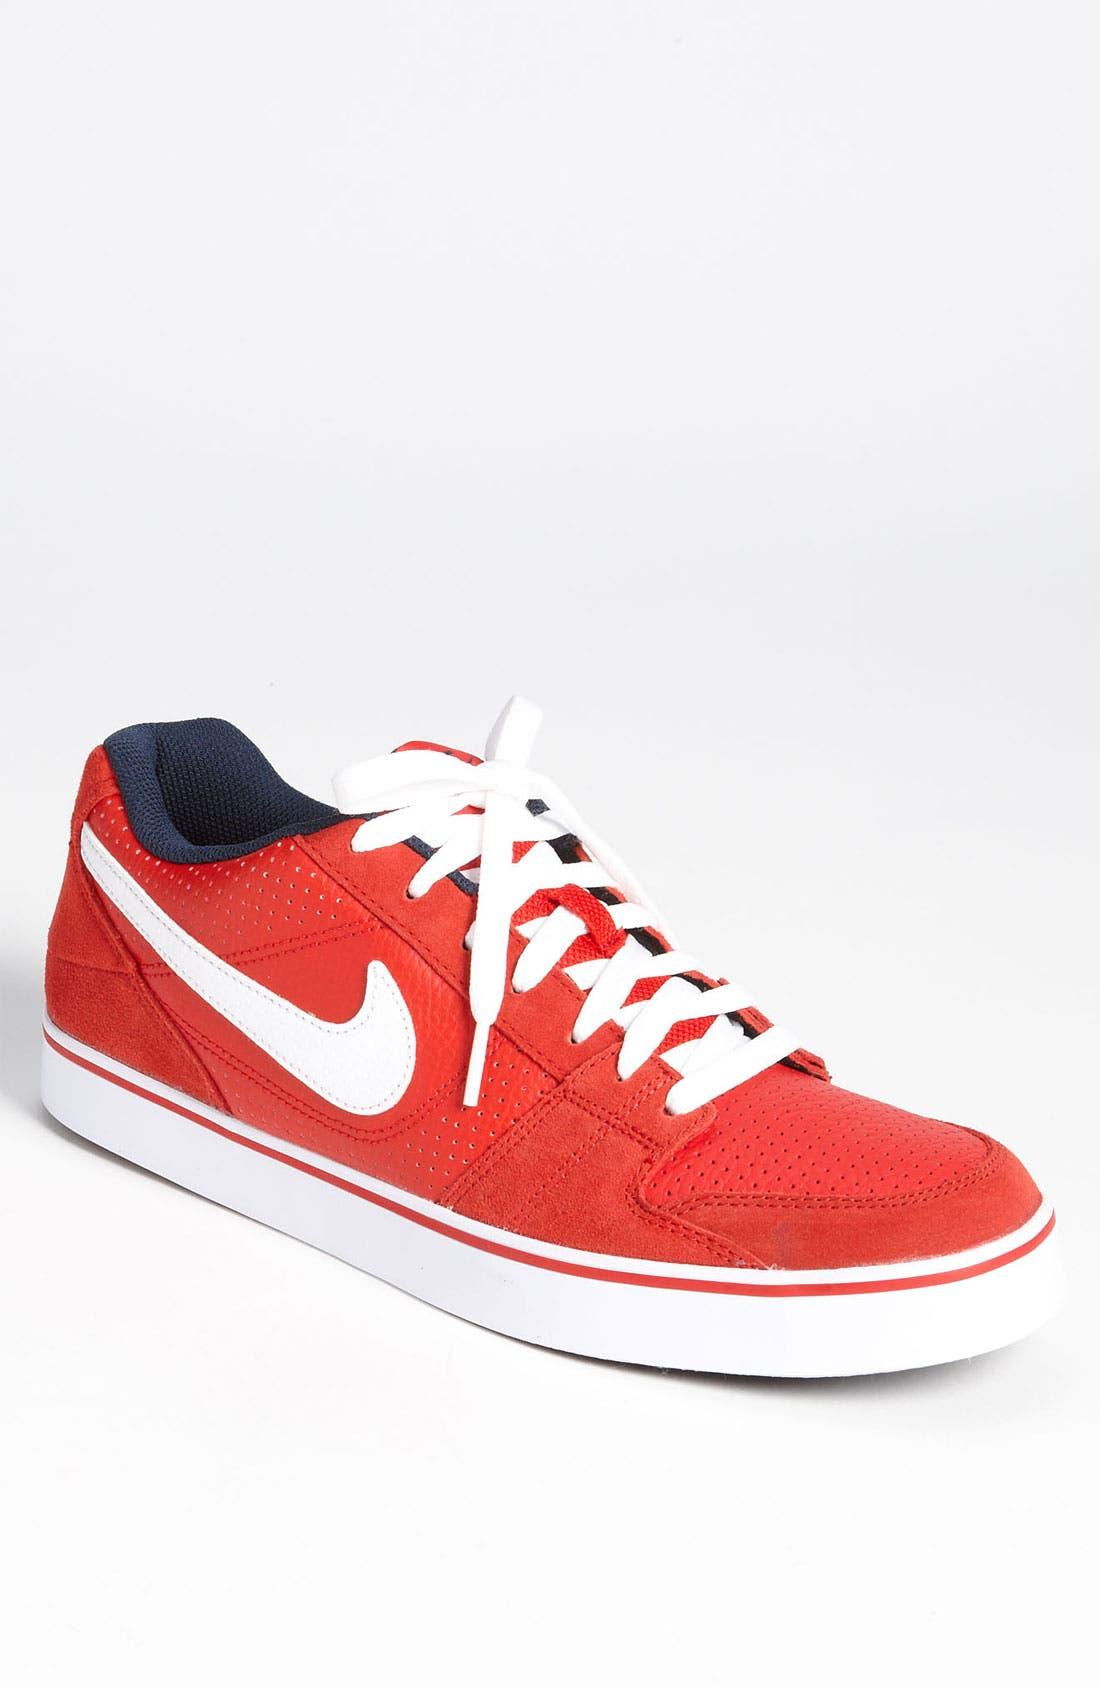 Alternate Image 1 Selected - Nike 'Ruckus Low' Sneaker (Men)